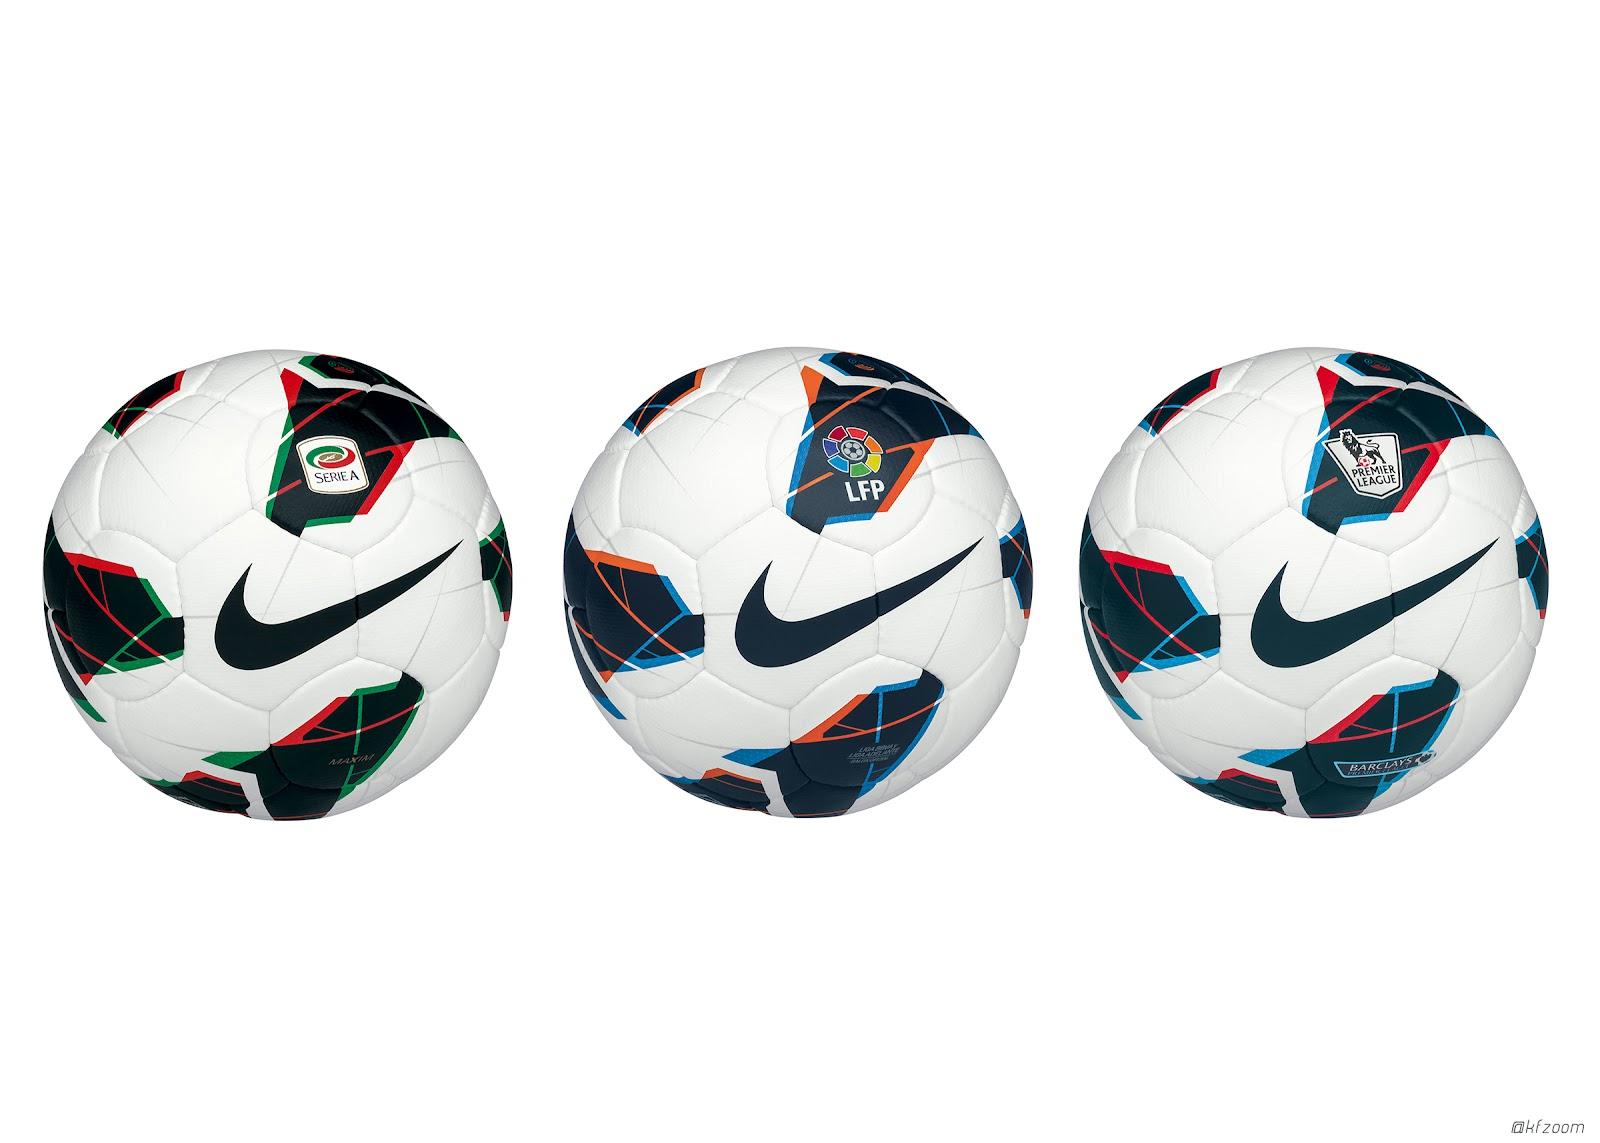 http://4.bp.blogspot.com/-ehXweAtn904/UAUrxKohGeI/AAAAAAAABtE/smq0LmeSf8E/s1600/Nike_Maxim_FootBall.jpg